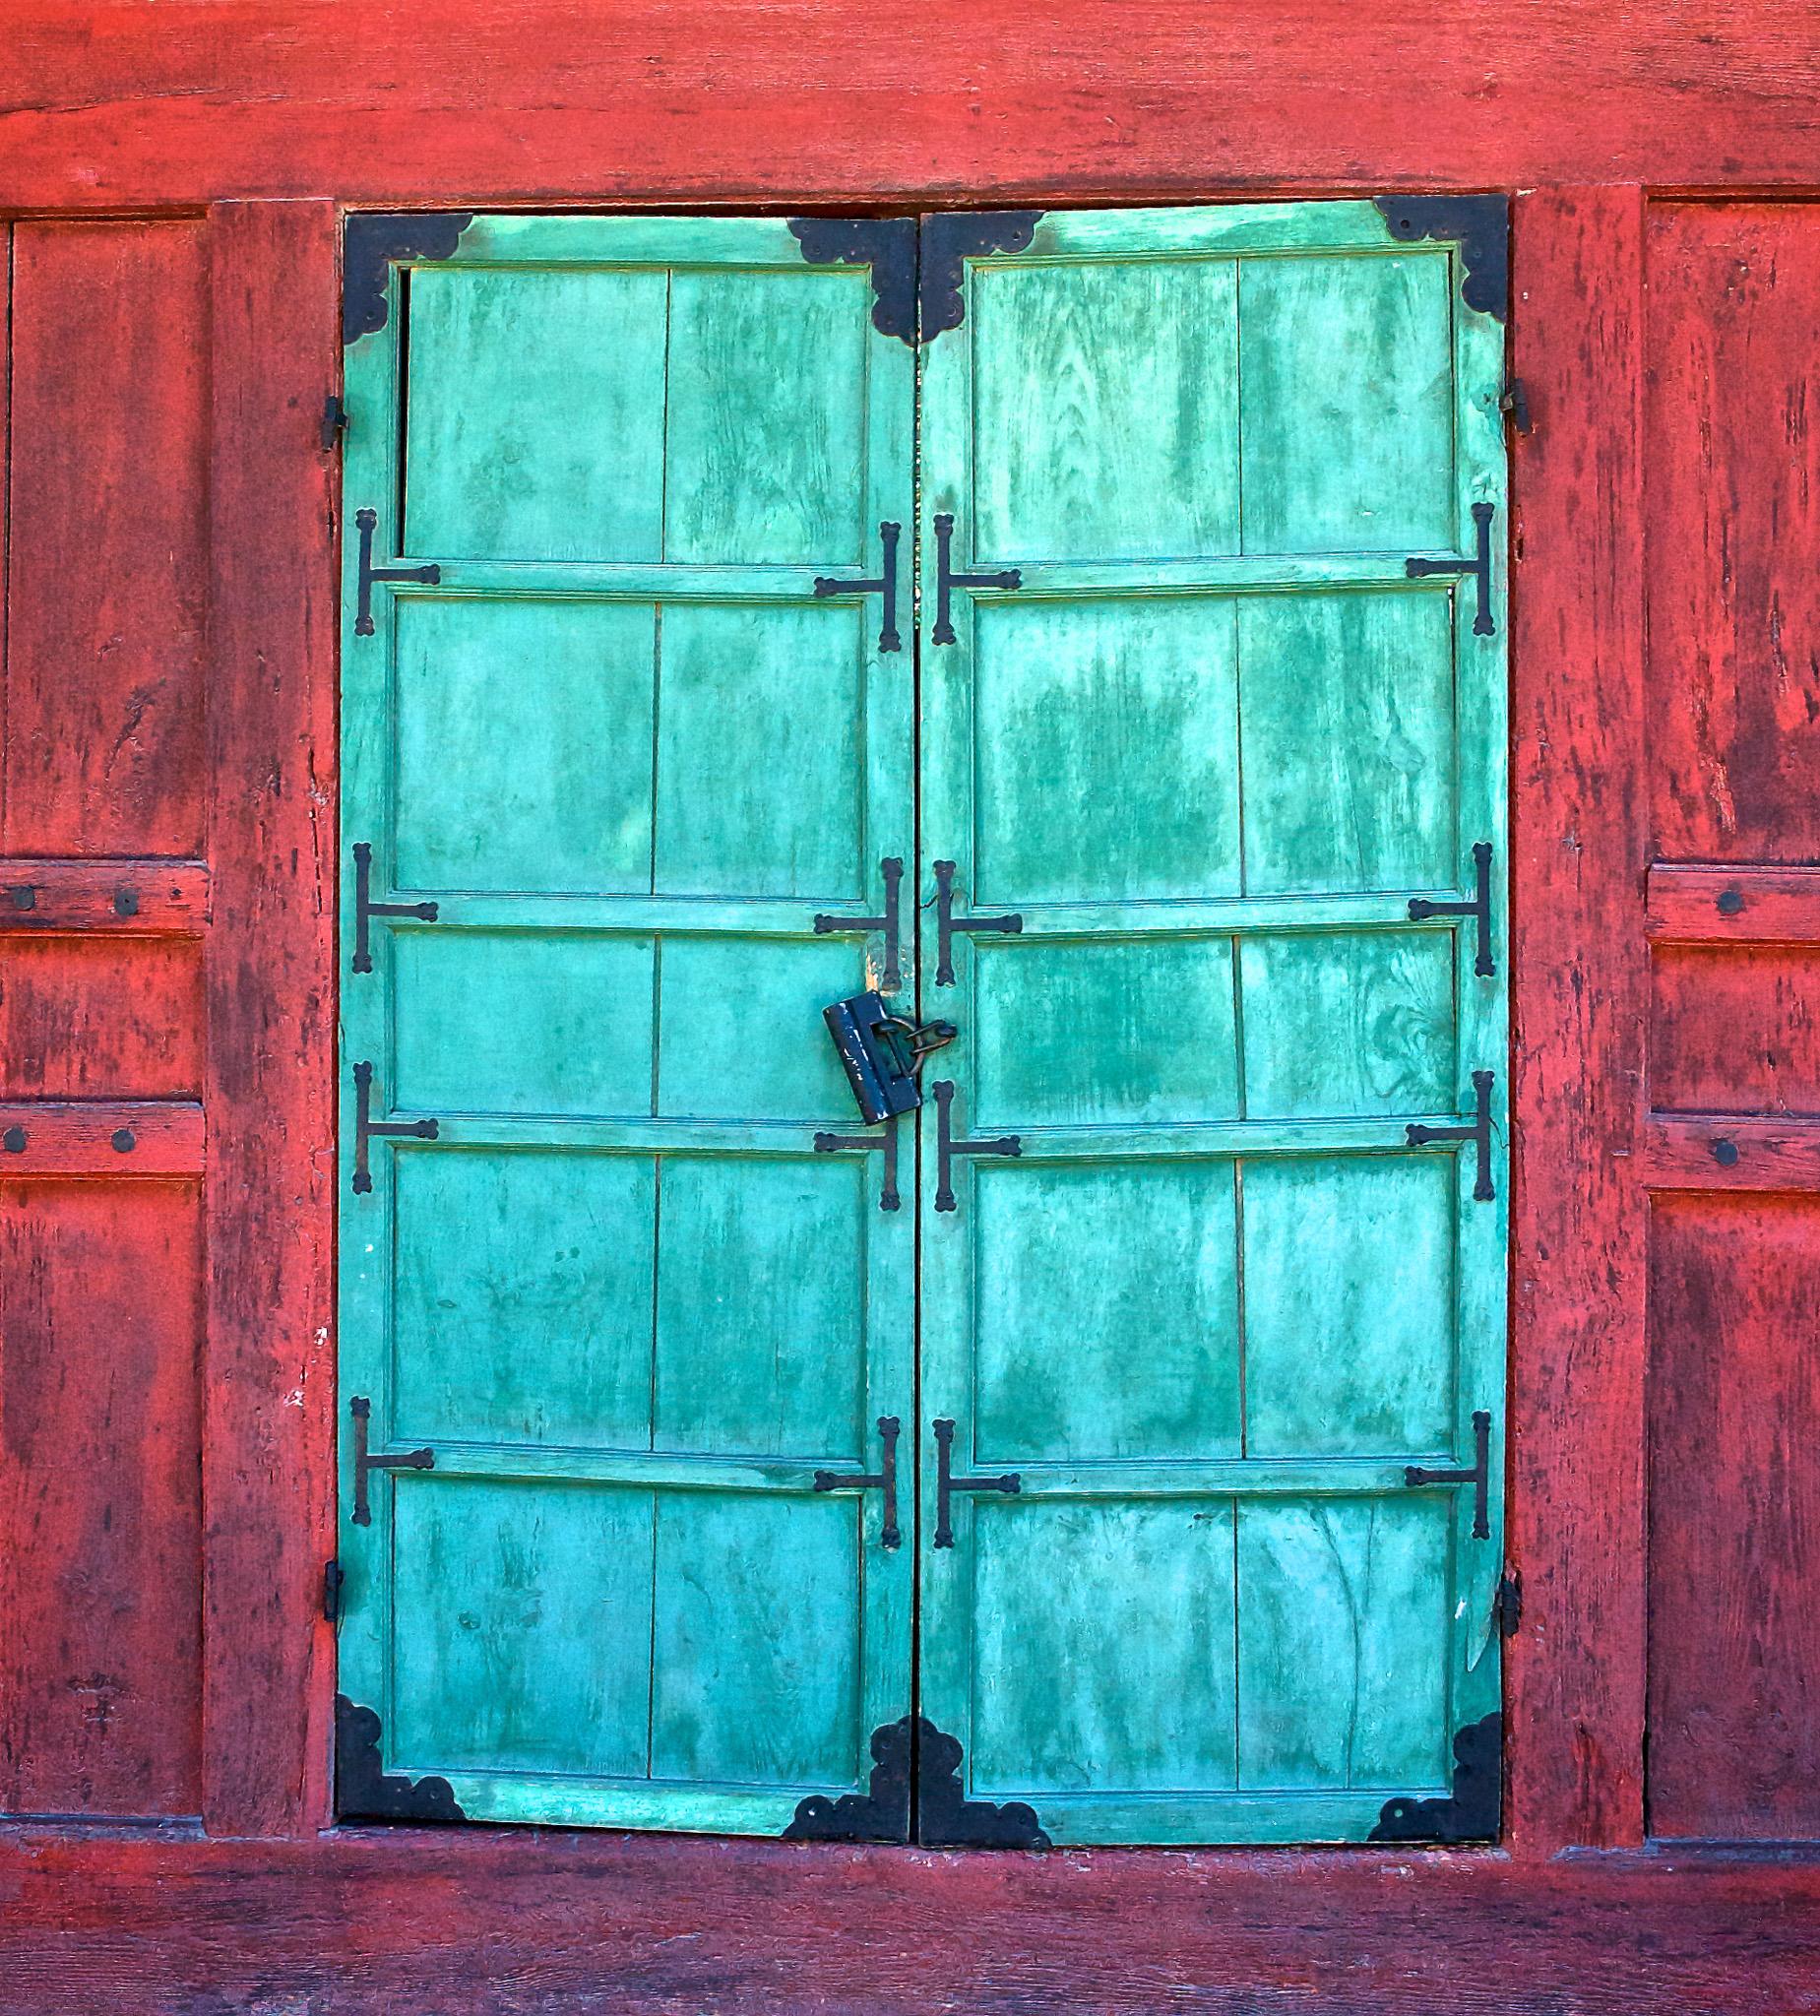 Door at Kyongbokkung Palace